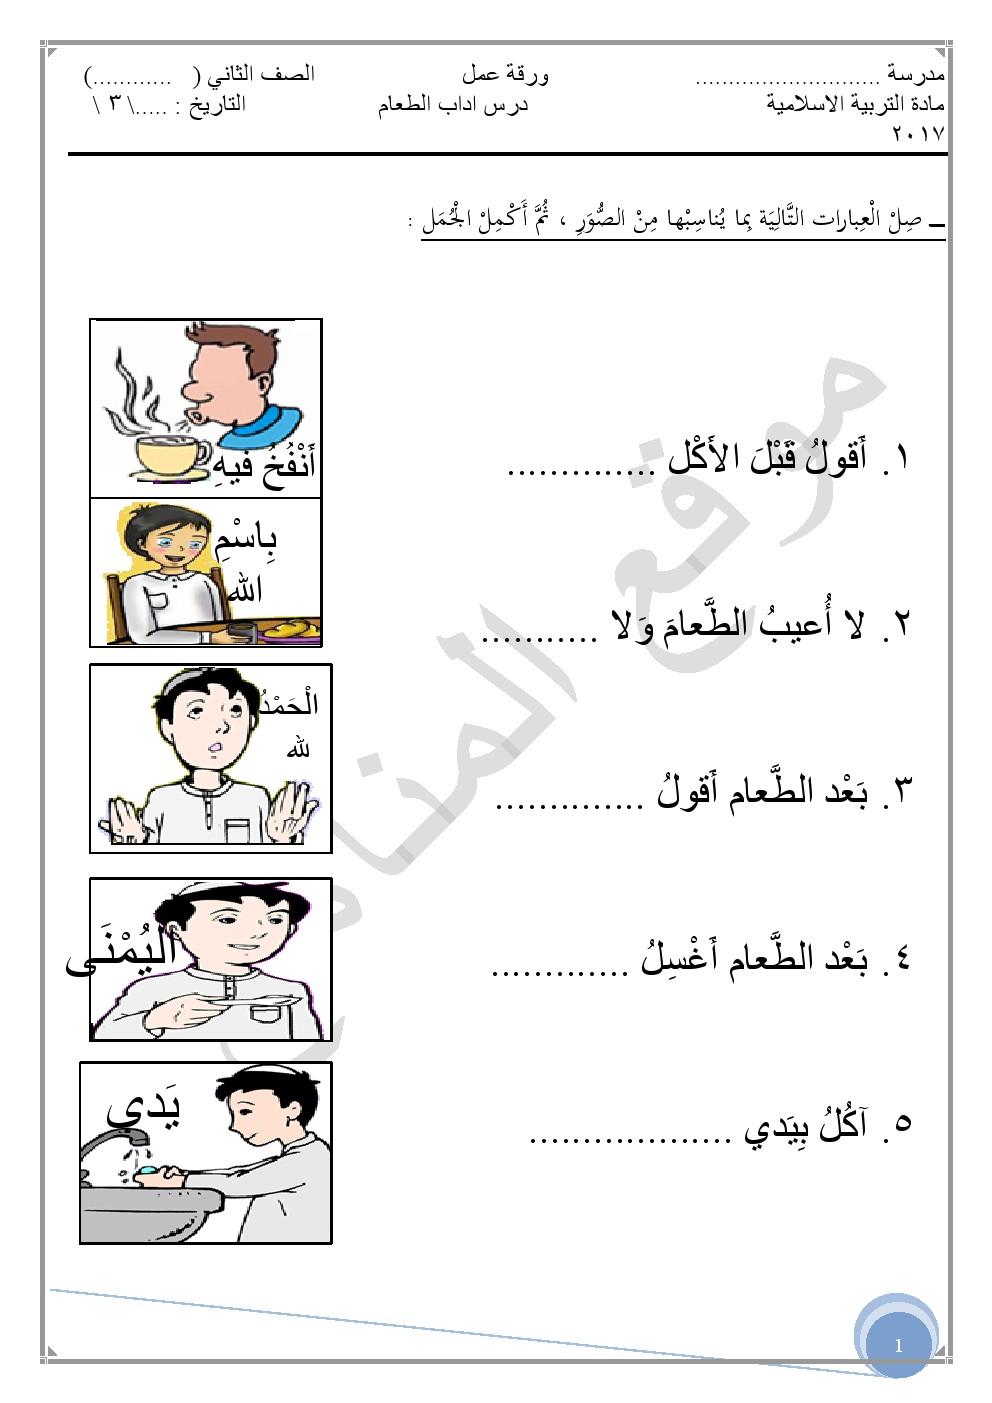 تحميل كتاب التربية الاسلامية للصف الاول الابتدائي pdf